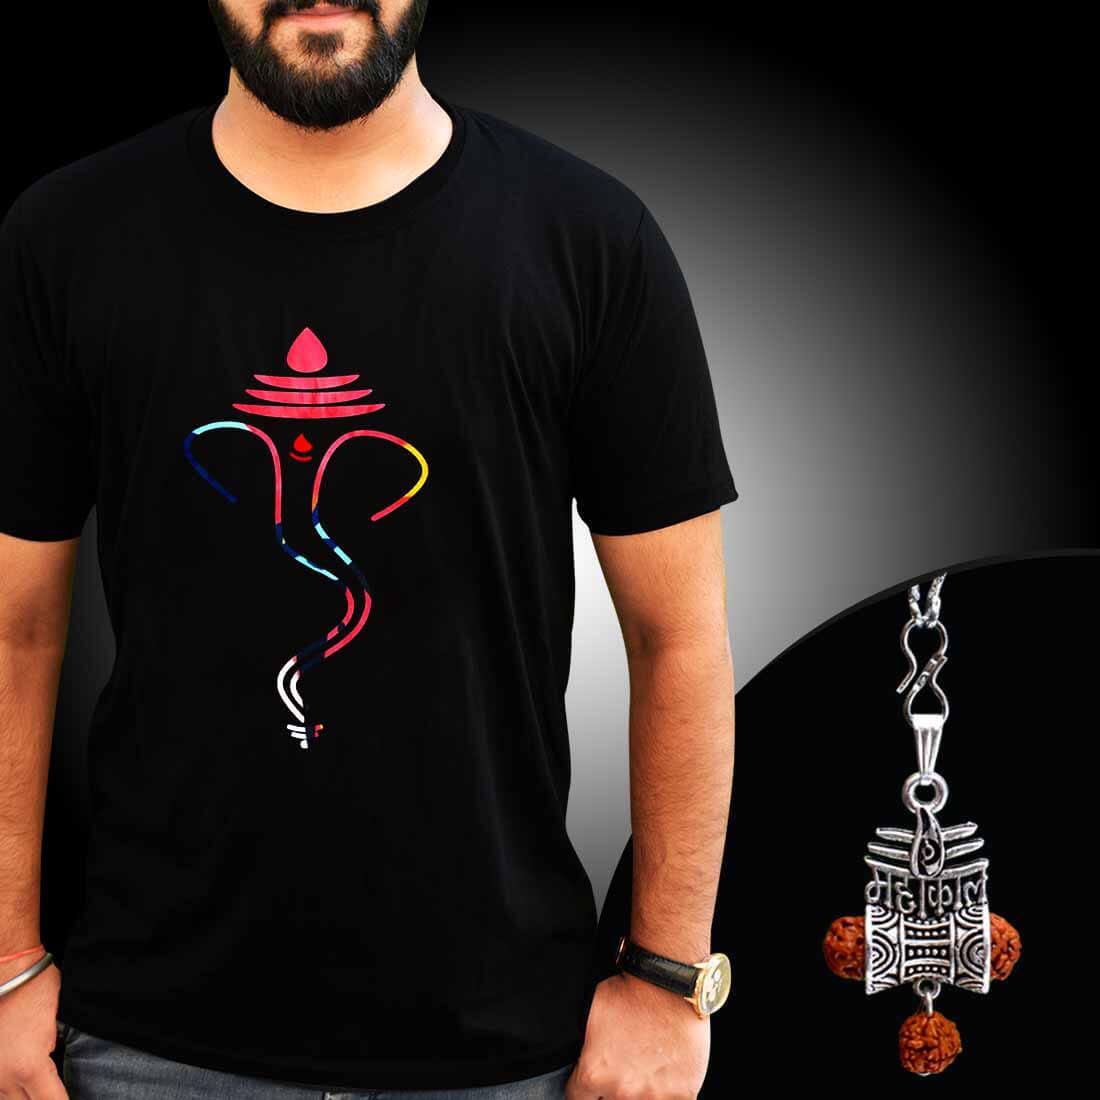 Ganesha Printed T-shirt Combo With Mahakal Locket